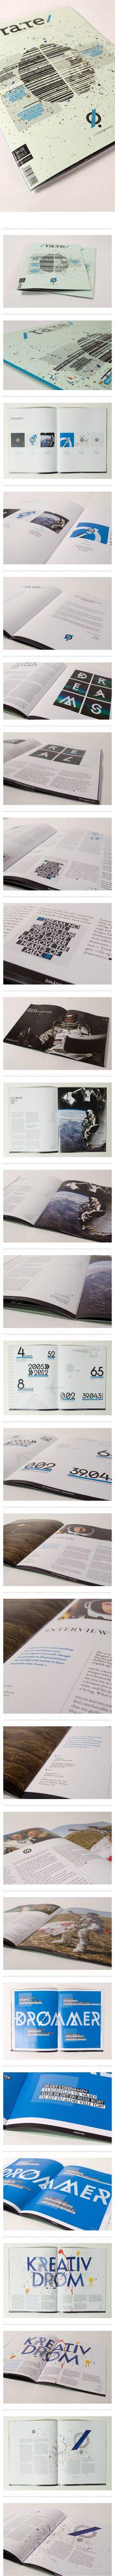 Rare Magazine by Aleksander Bonden Isachsen, via Behance